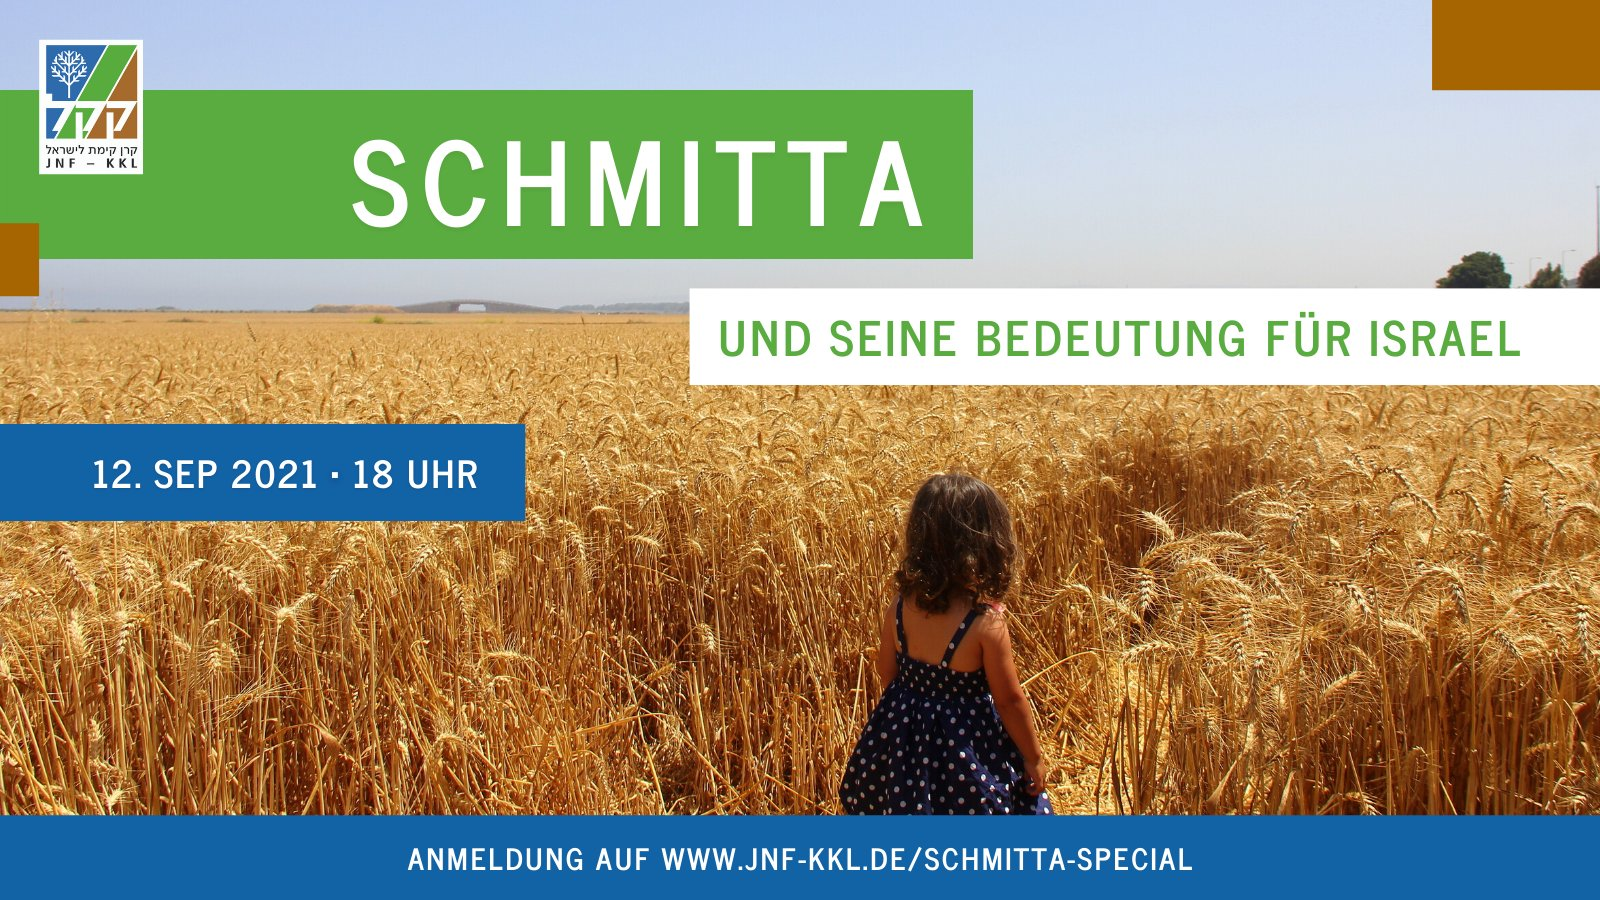 Rosh HaShana Special - das Schmitta-Jahr beginnt!